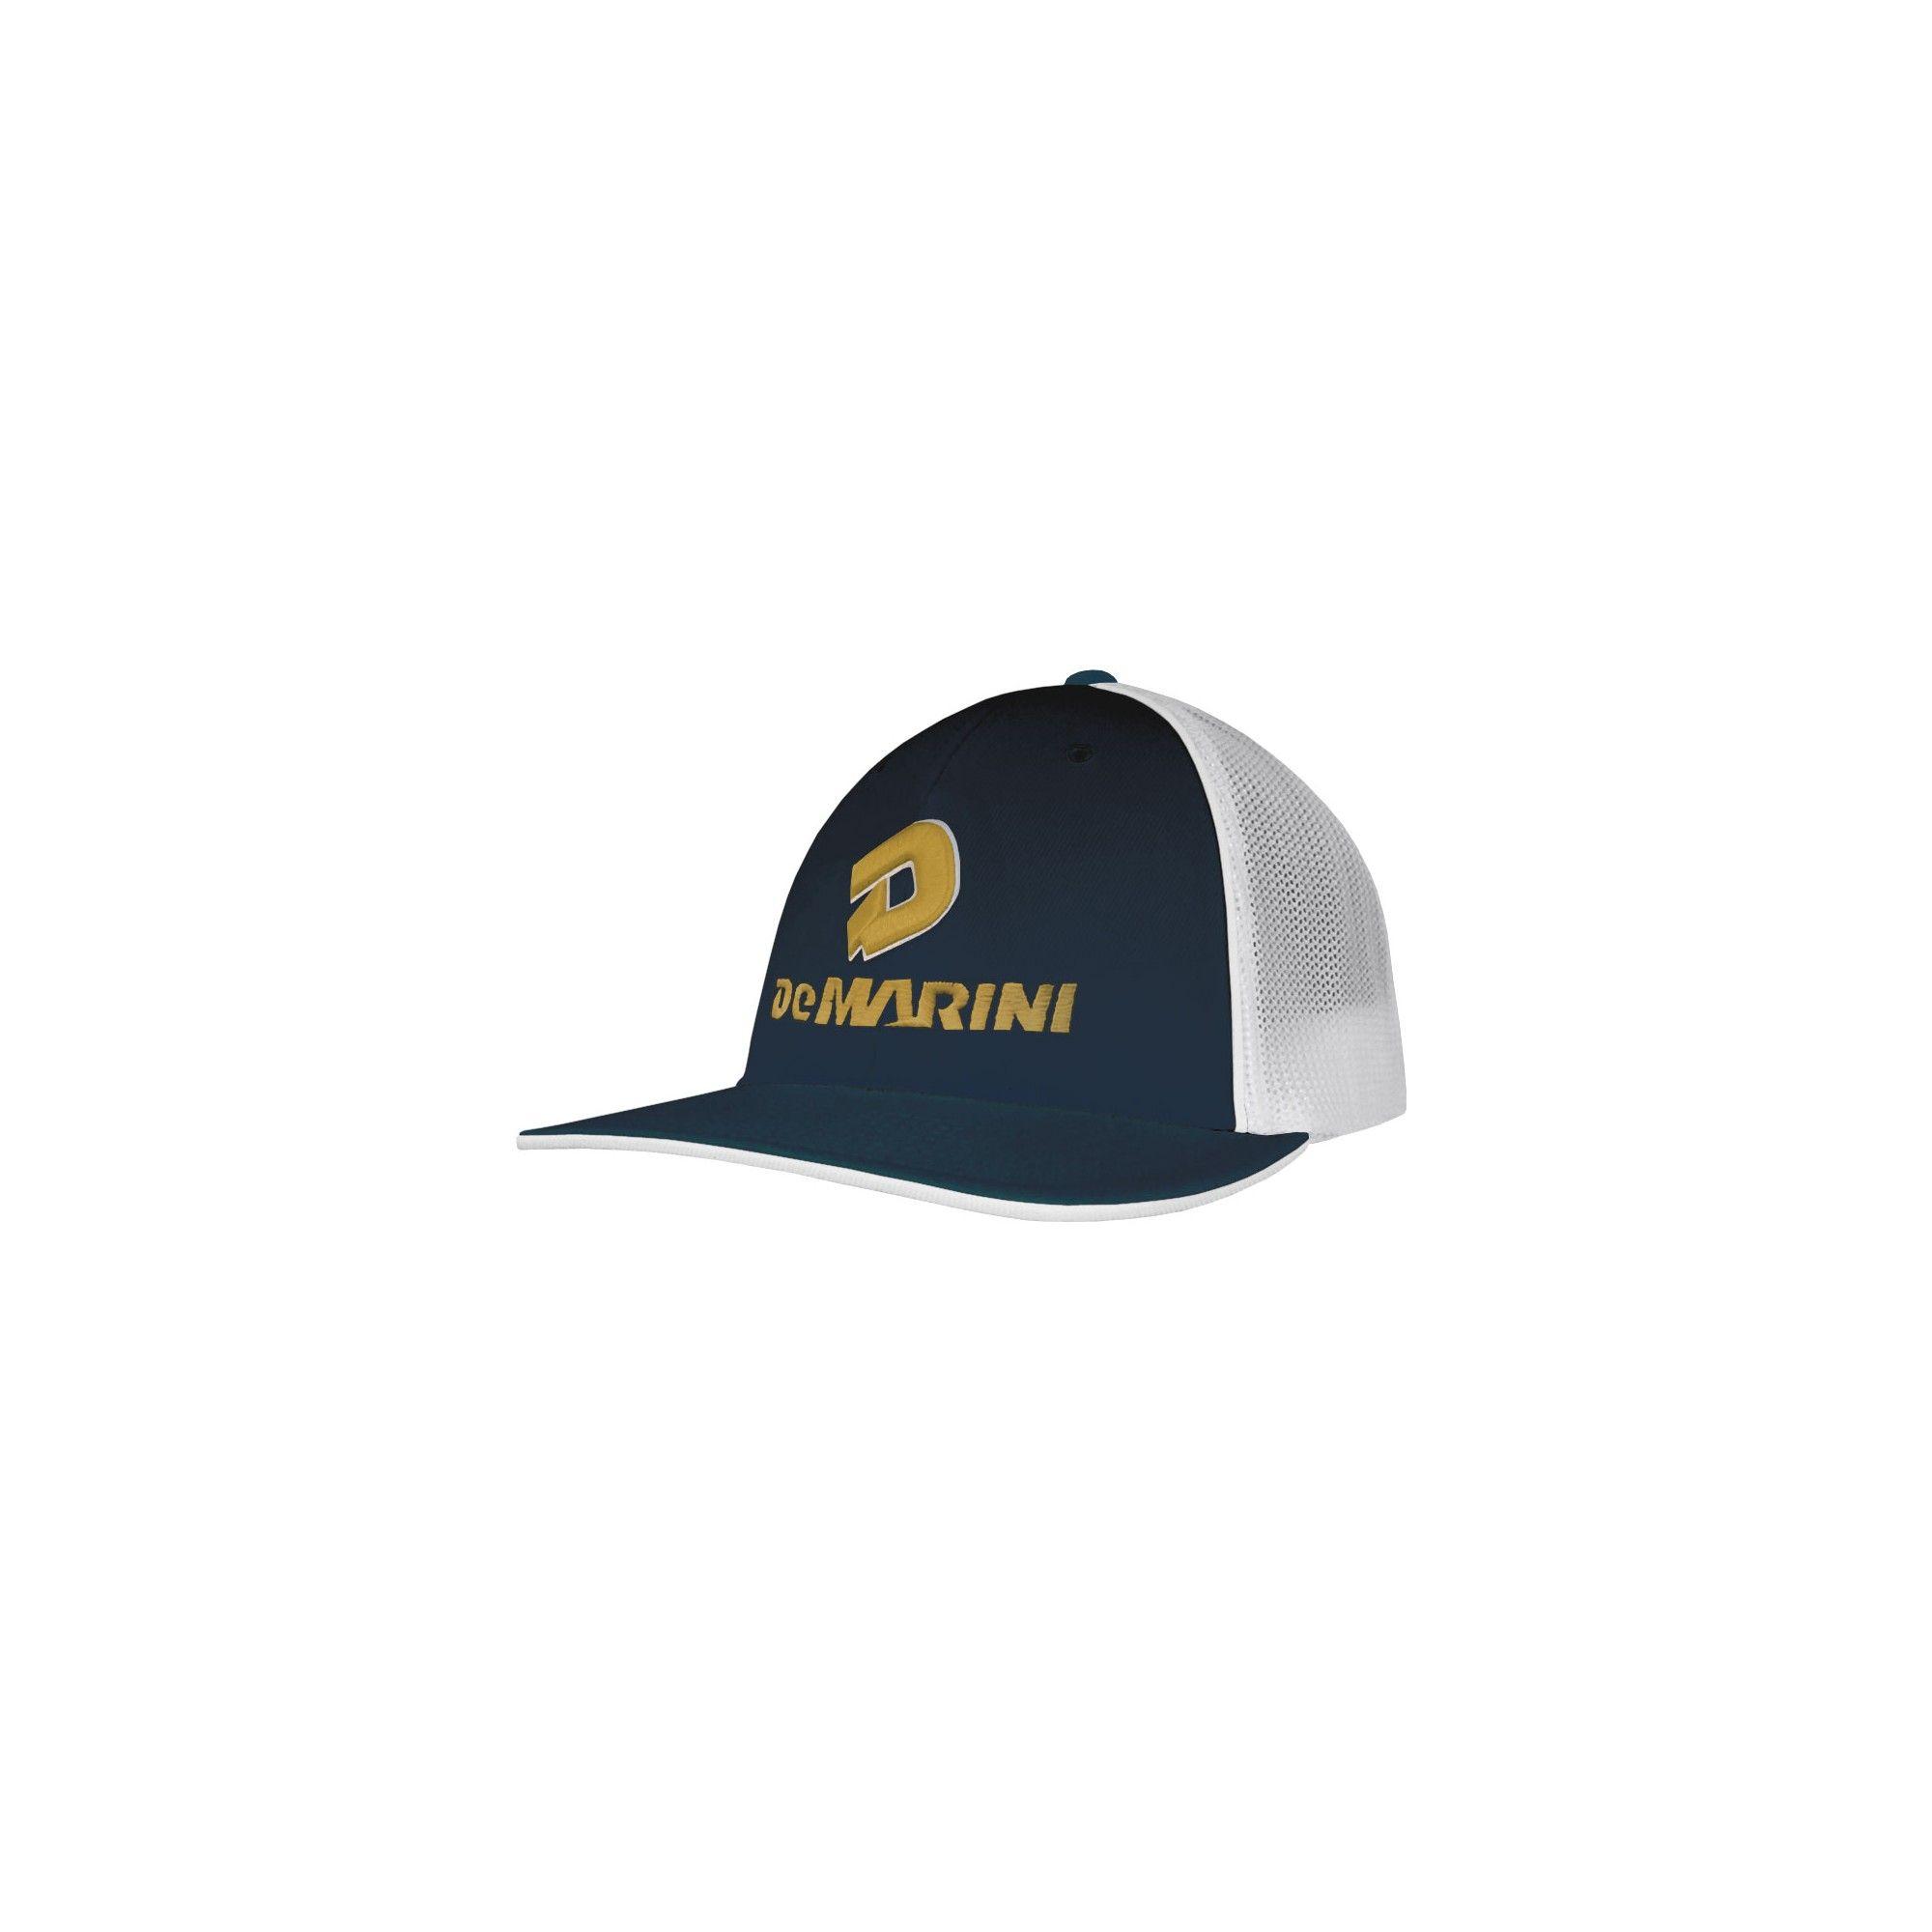 a67260a1fc29e DeMarini Stacked D Baseball Softball Trucker Hat - Navy Vegas Gold  (Blue Vegas Gold) - S M